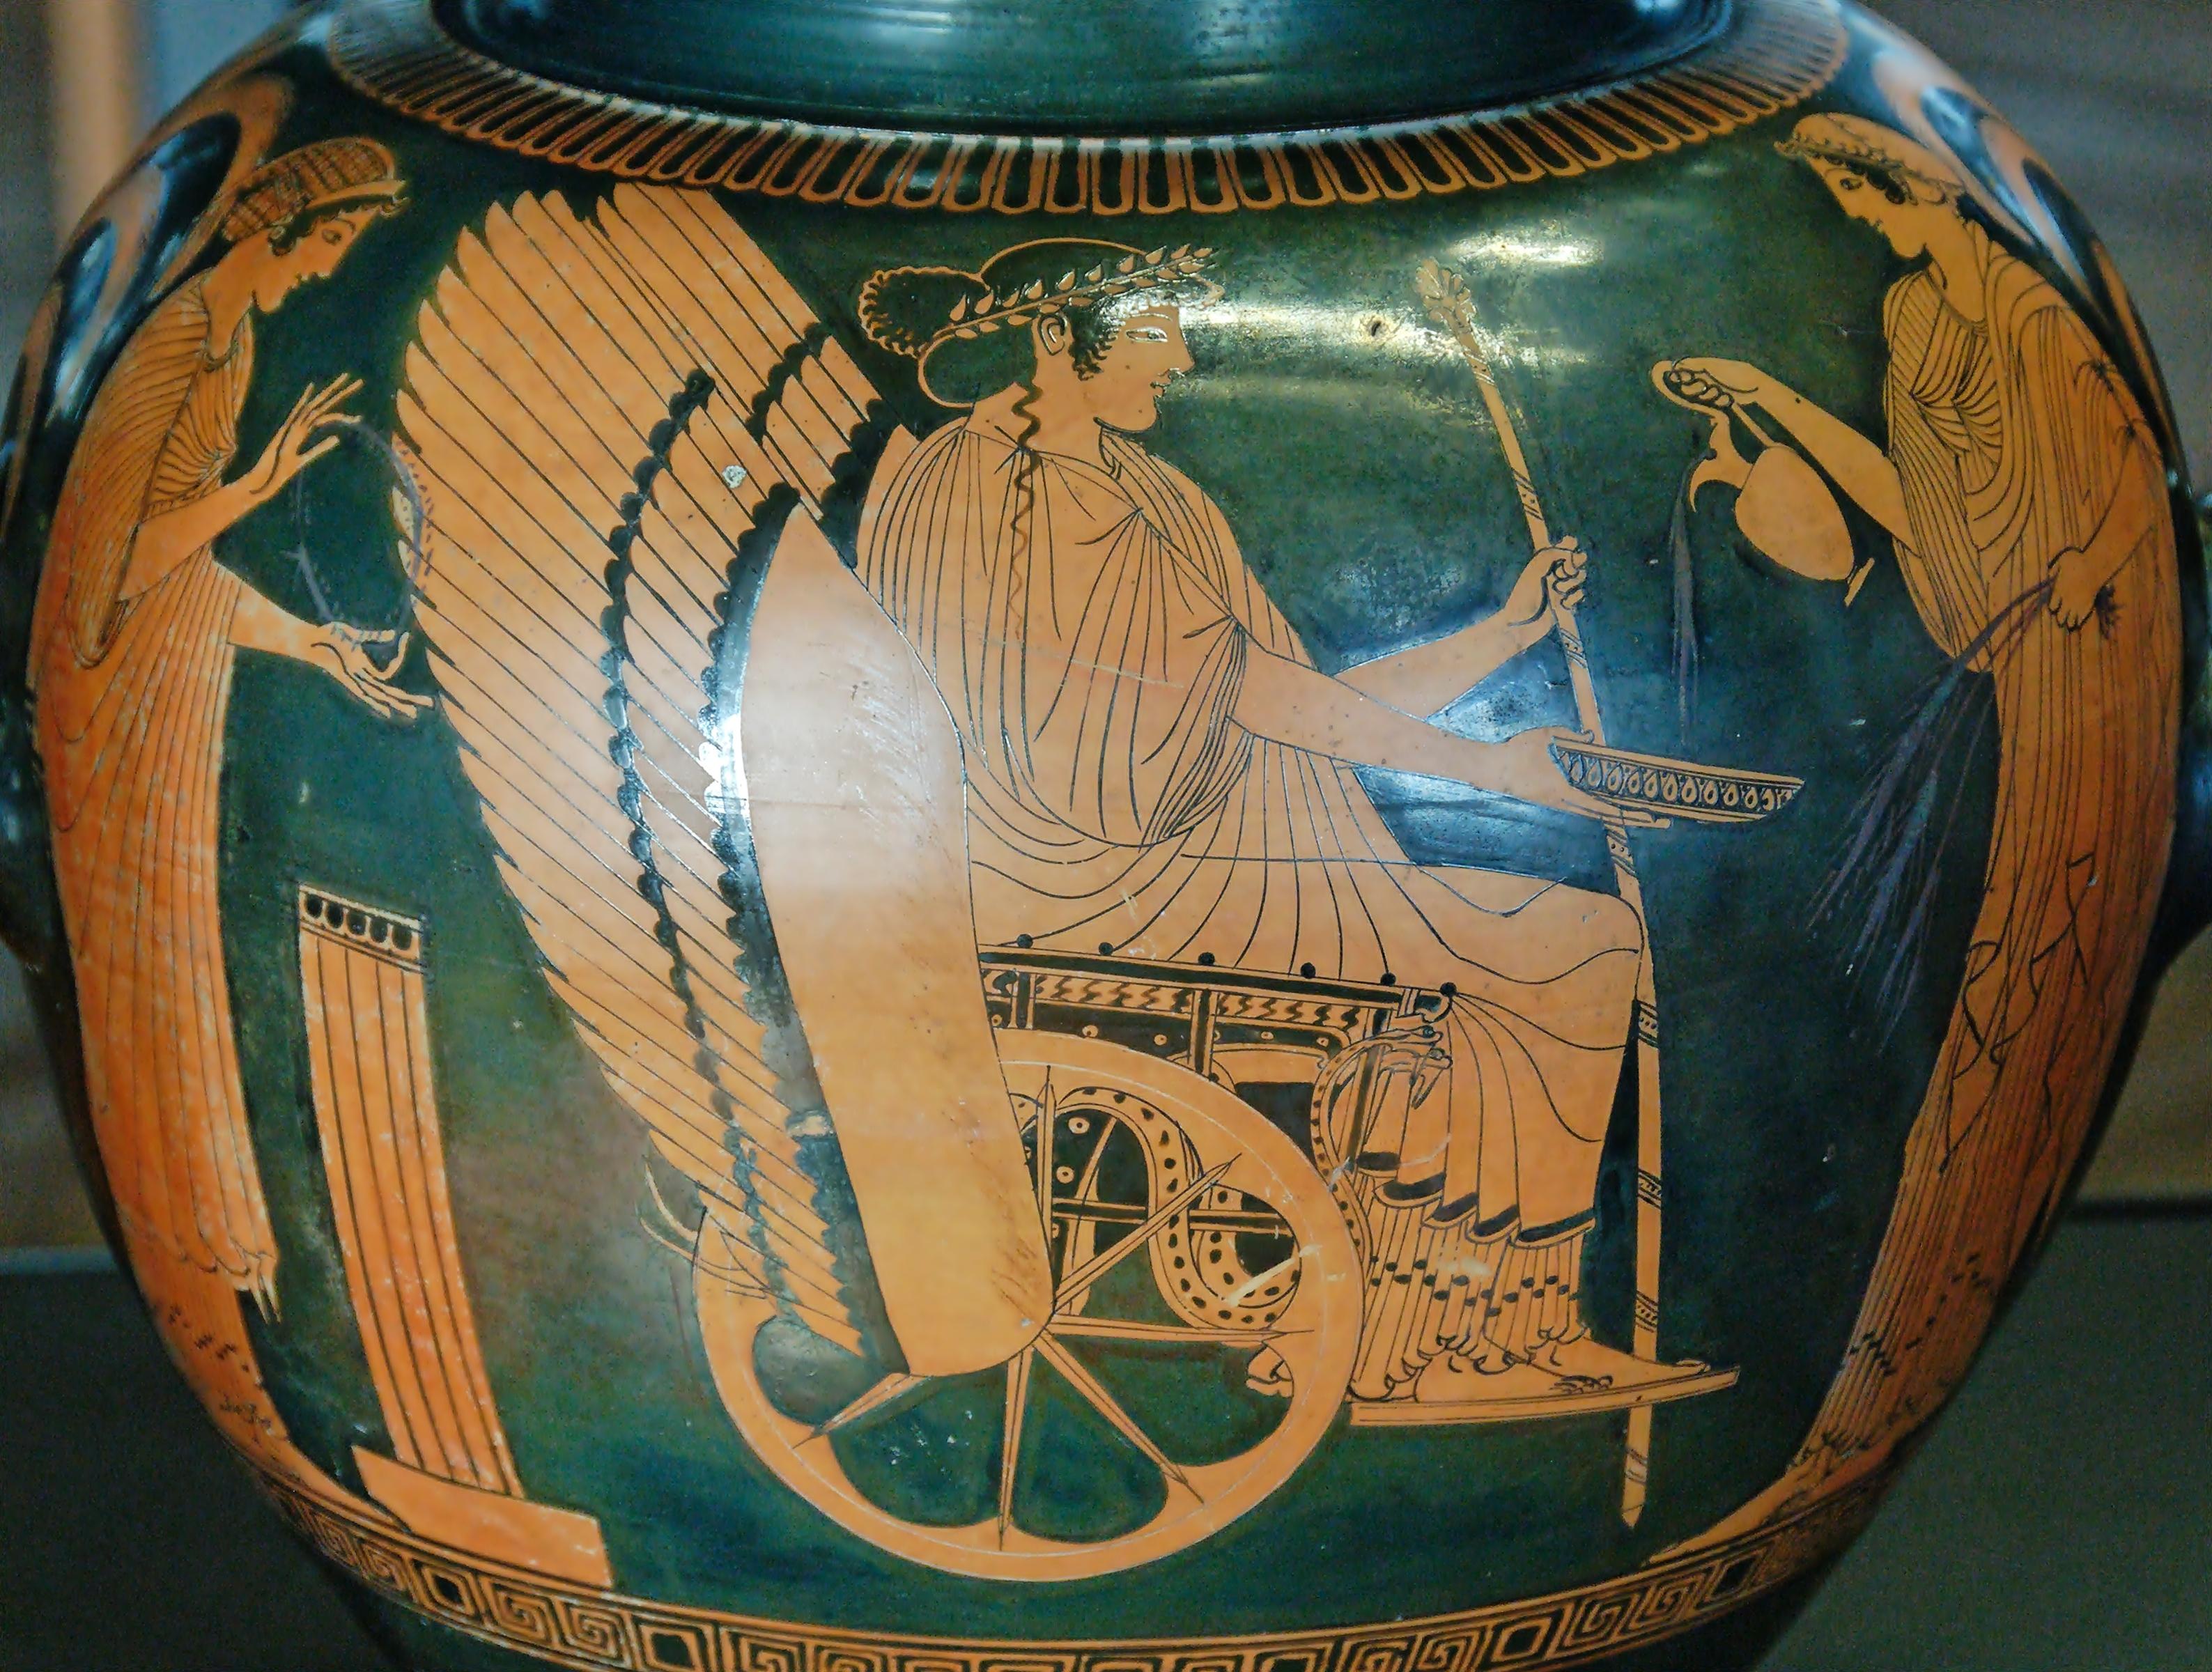 【德墨忒尔△图】德墨忒尔的古希腊瓶绘图片